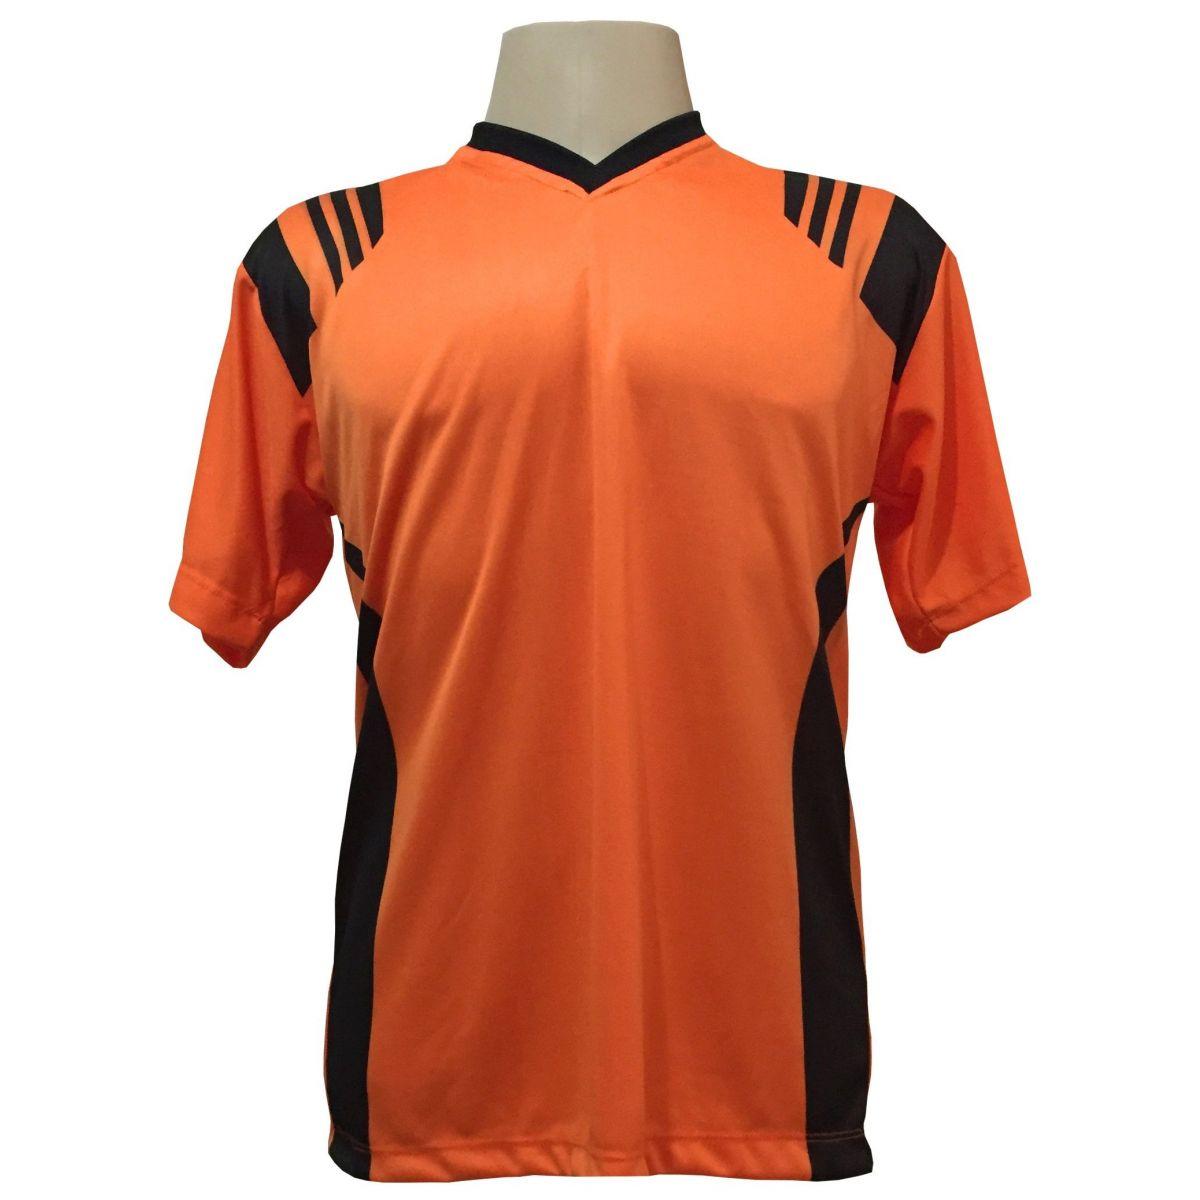 Uniforme Esportivo com 12 Camisas modelo Roma Laranja/Preto + 12 Calções modelo Madrid Preto + 12 Pares de meiões Preto